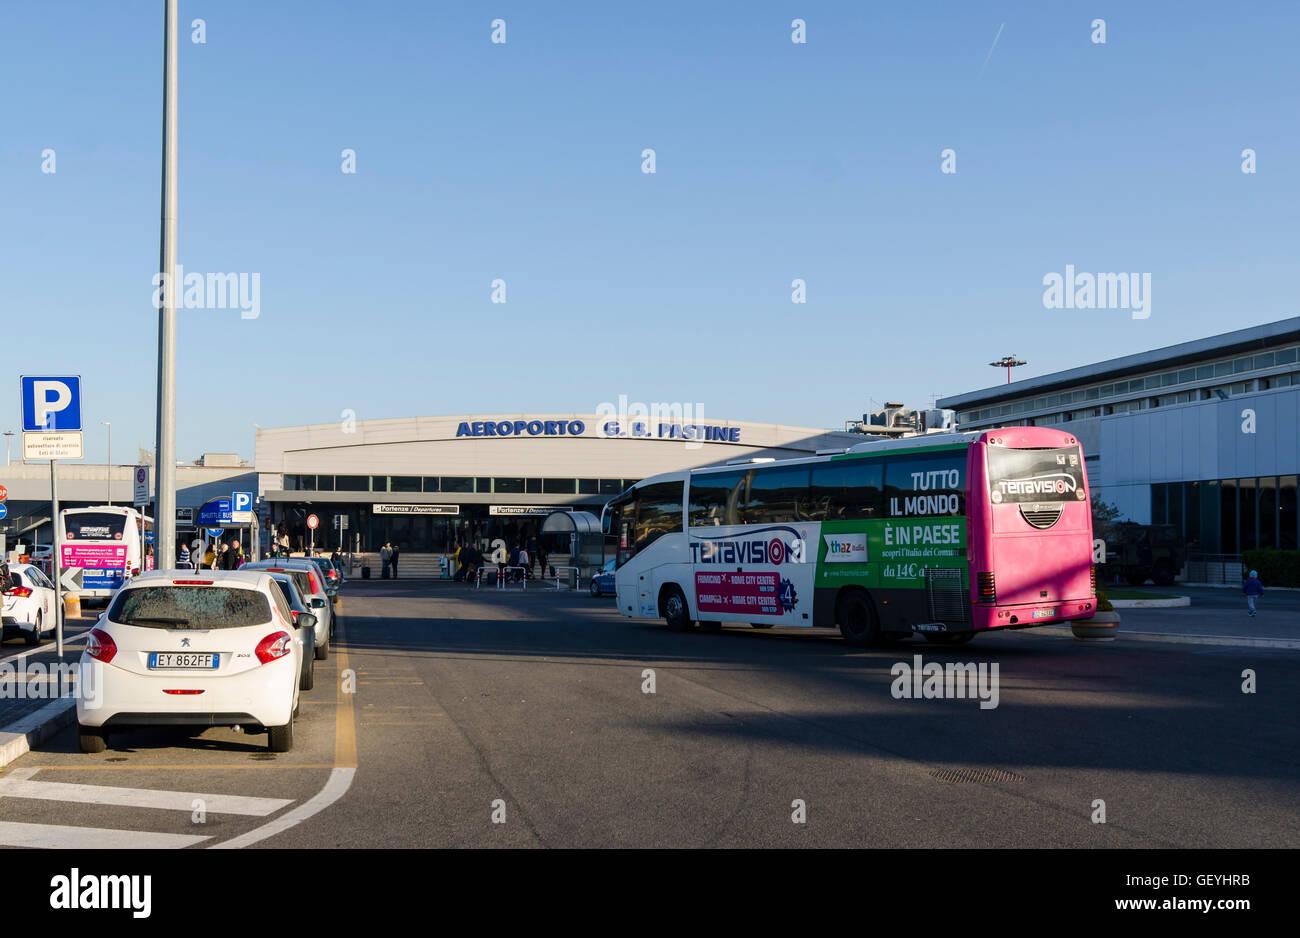 Rome Ciampino Airport Ciampino G B Pastine